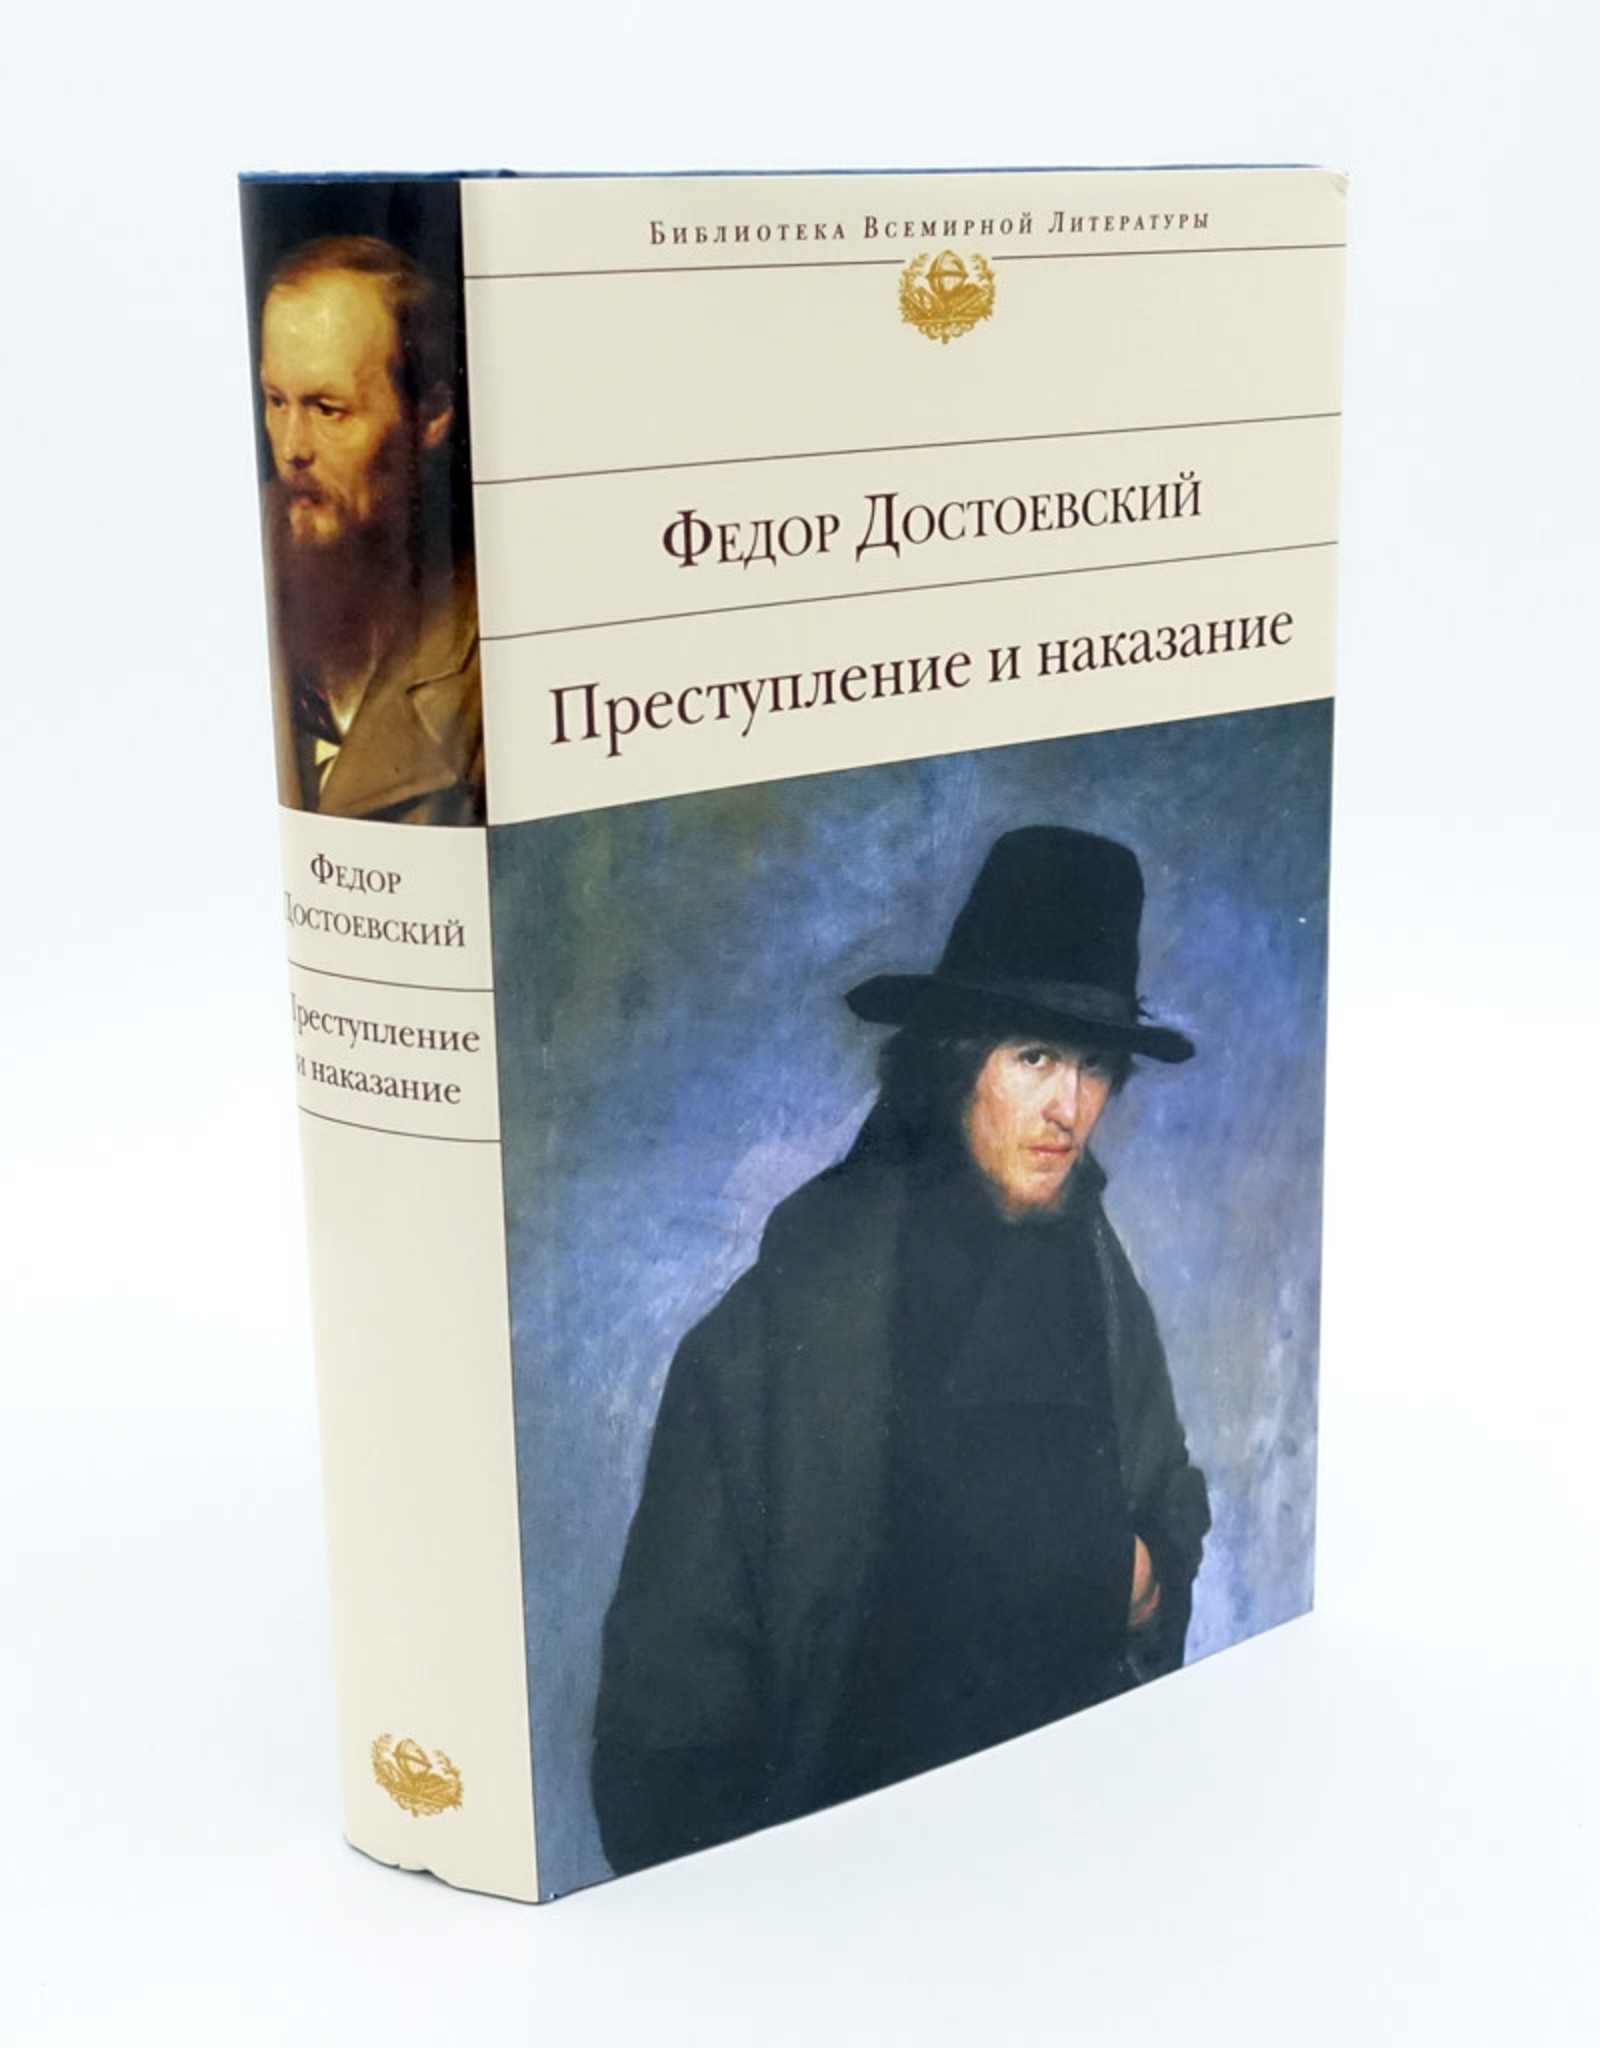 Преступление и наказание, Федор Достоевский